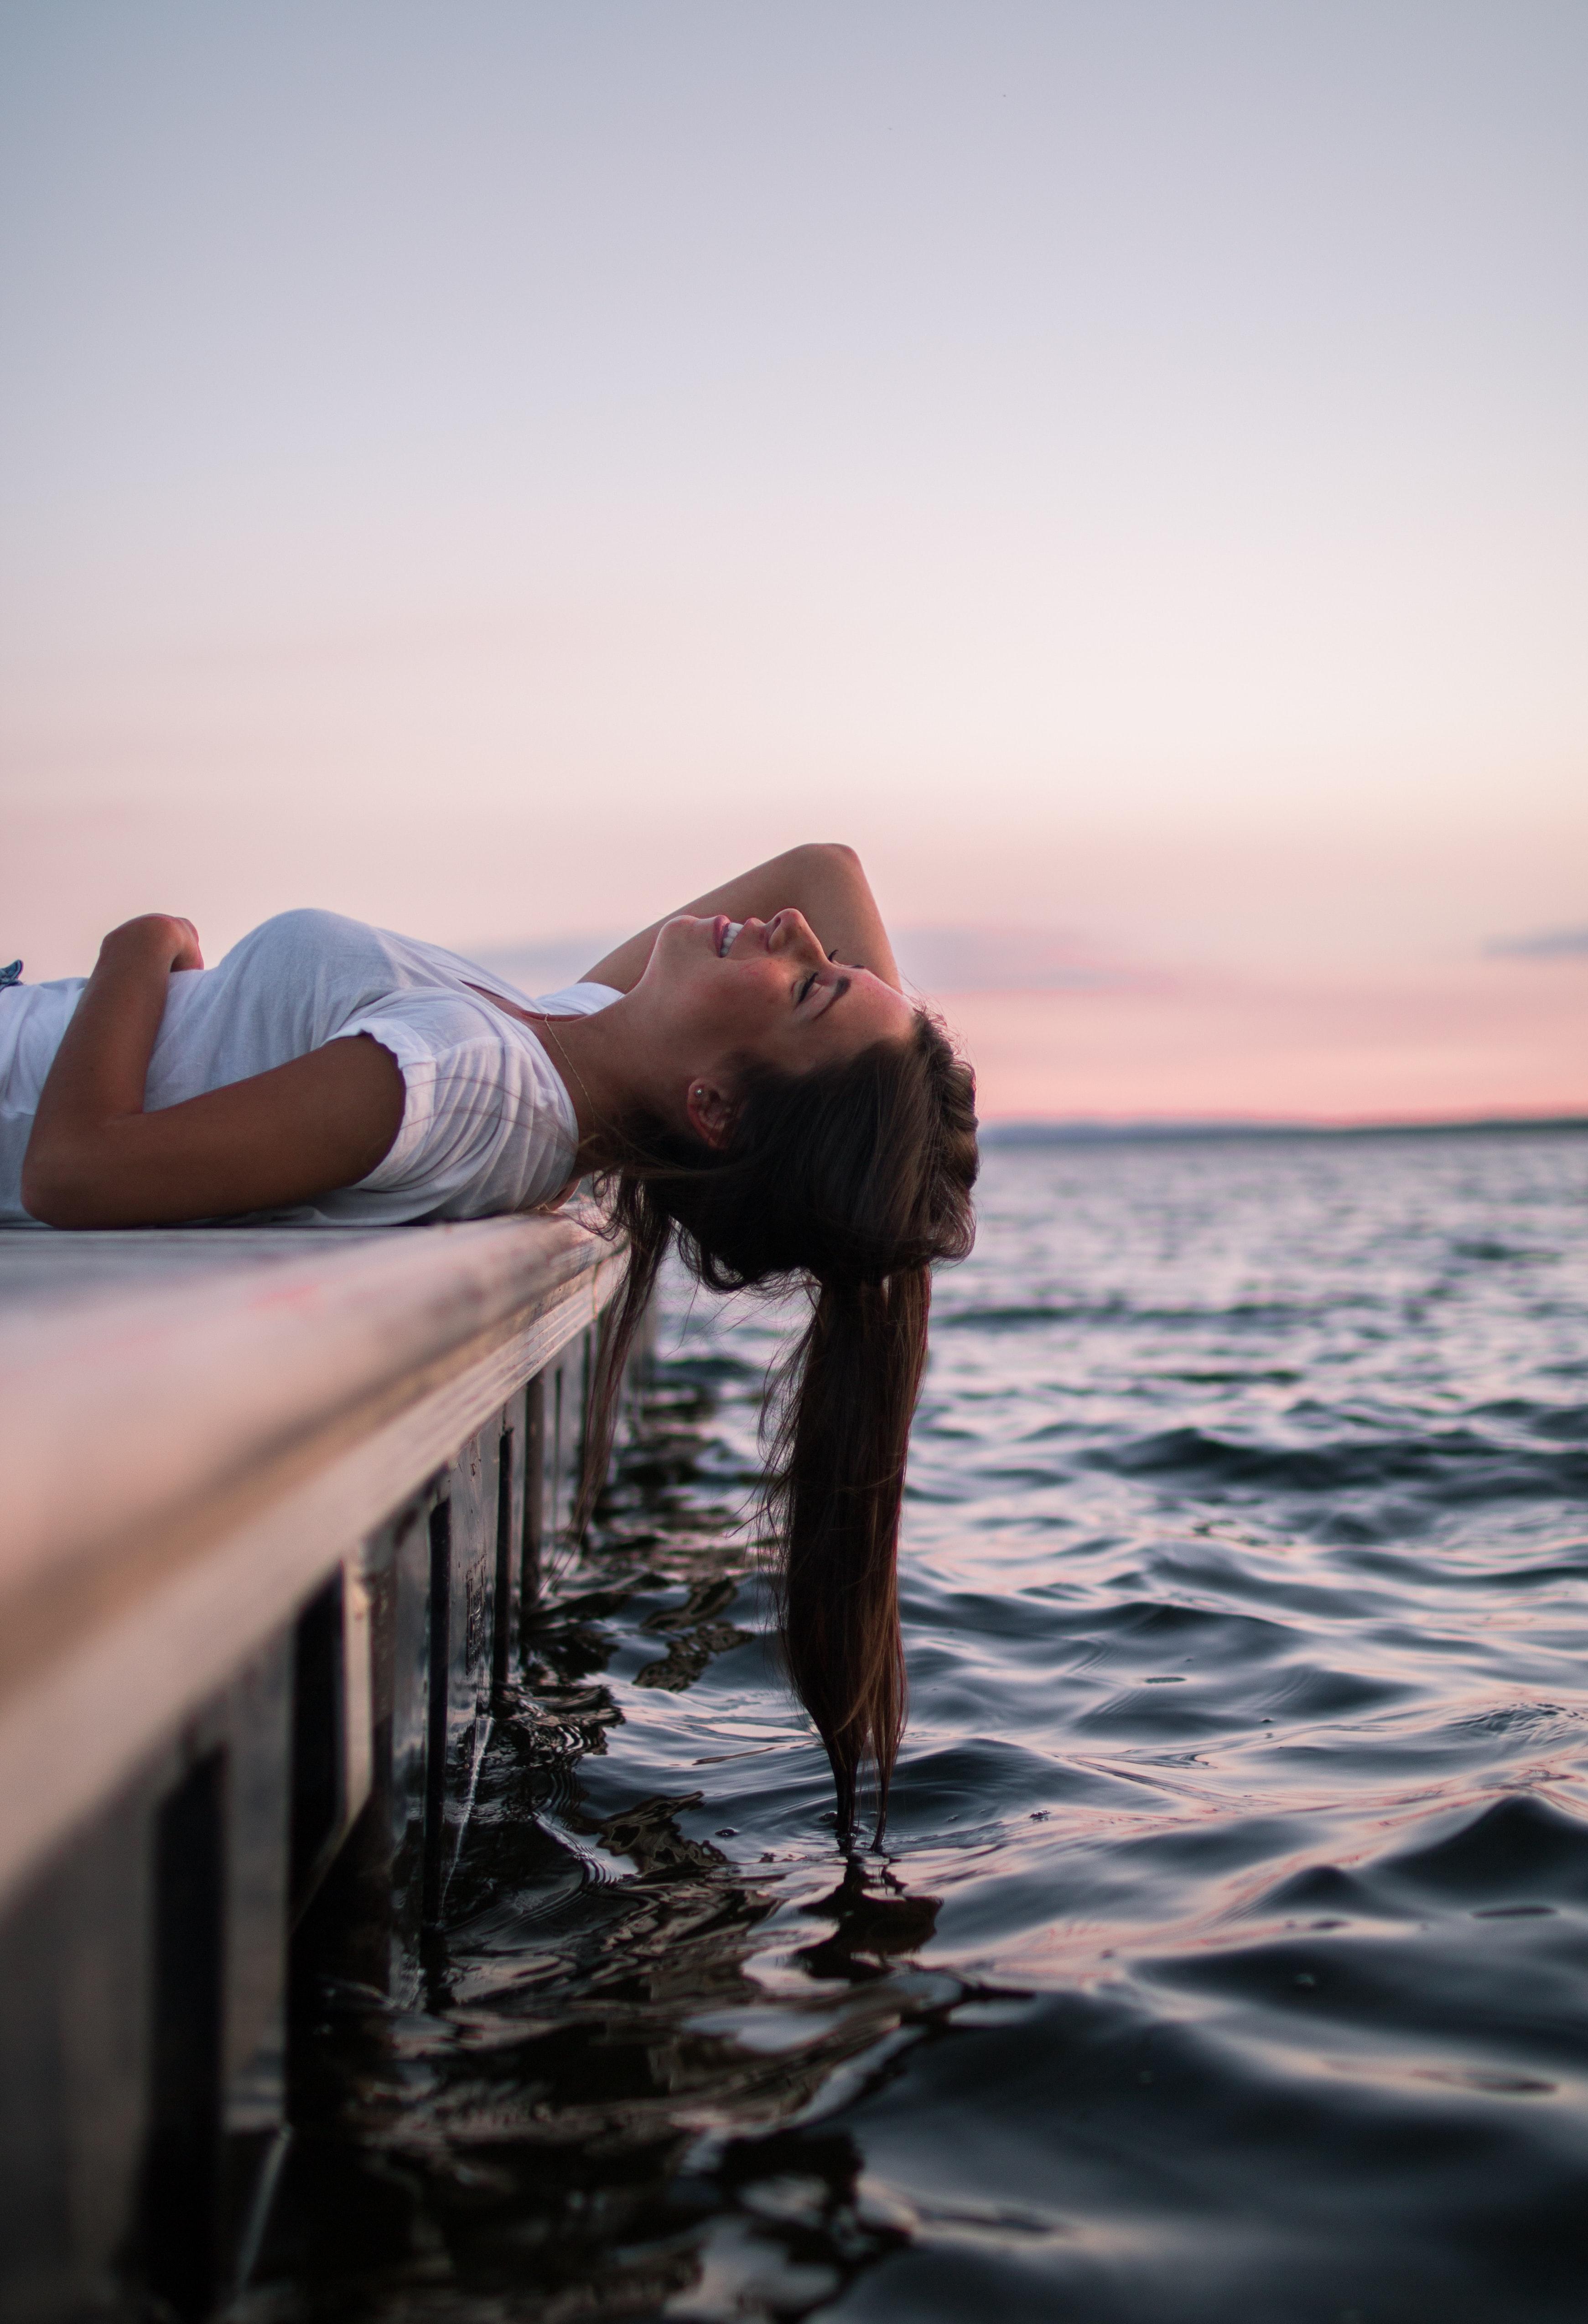 Att lyssna till intuitionen ger dig ökad tillit.